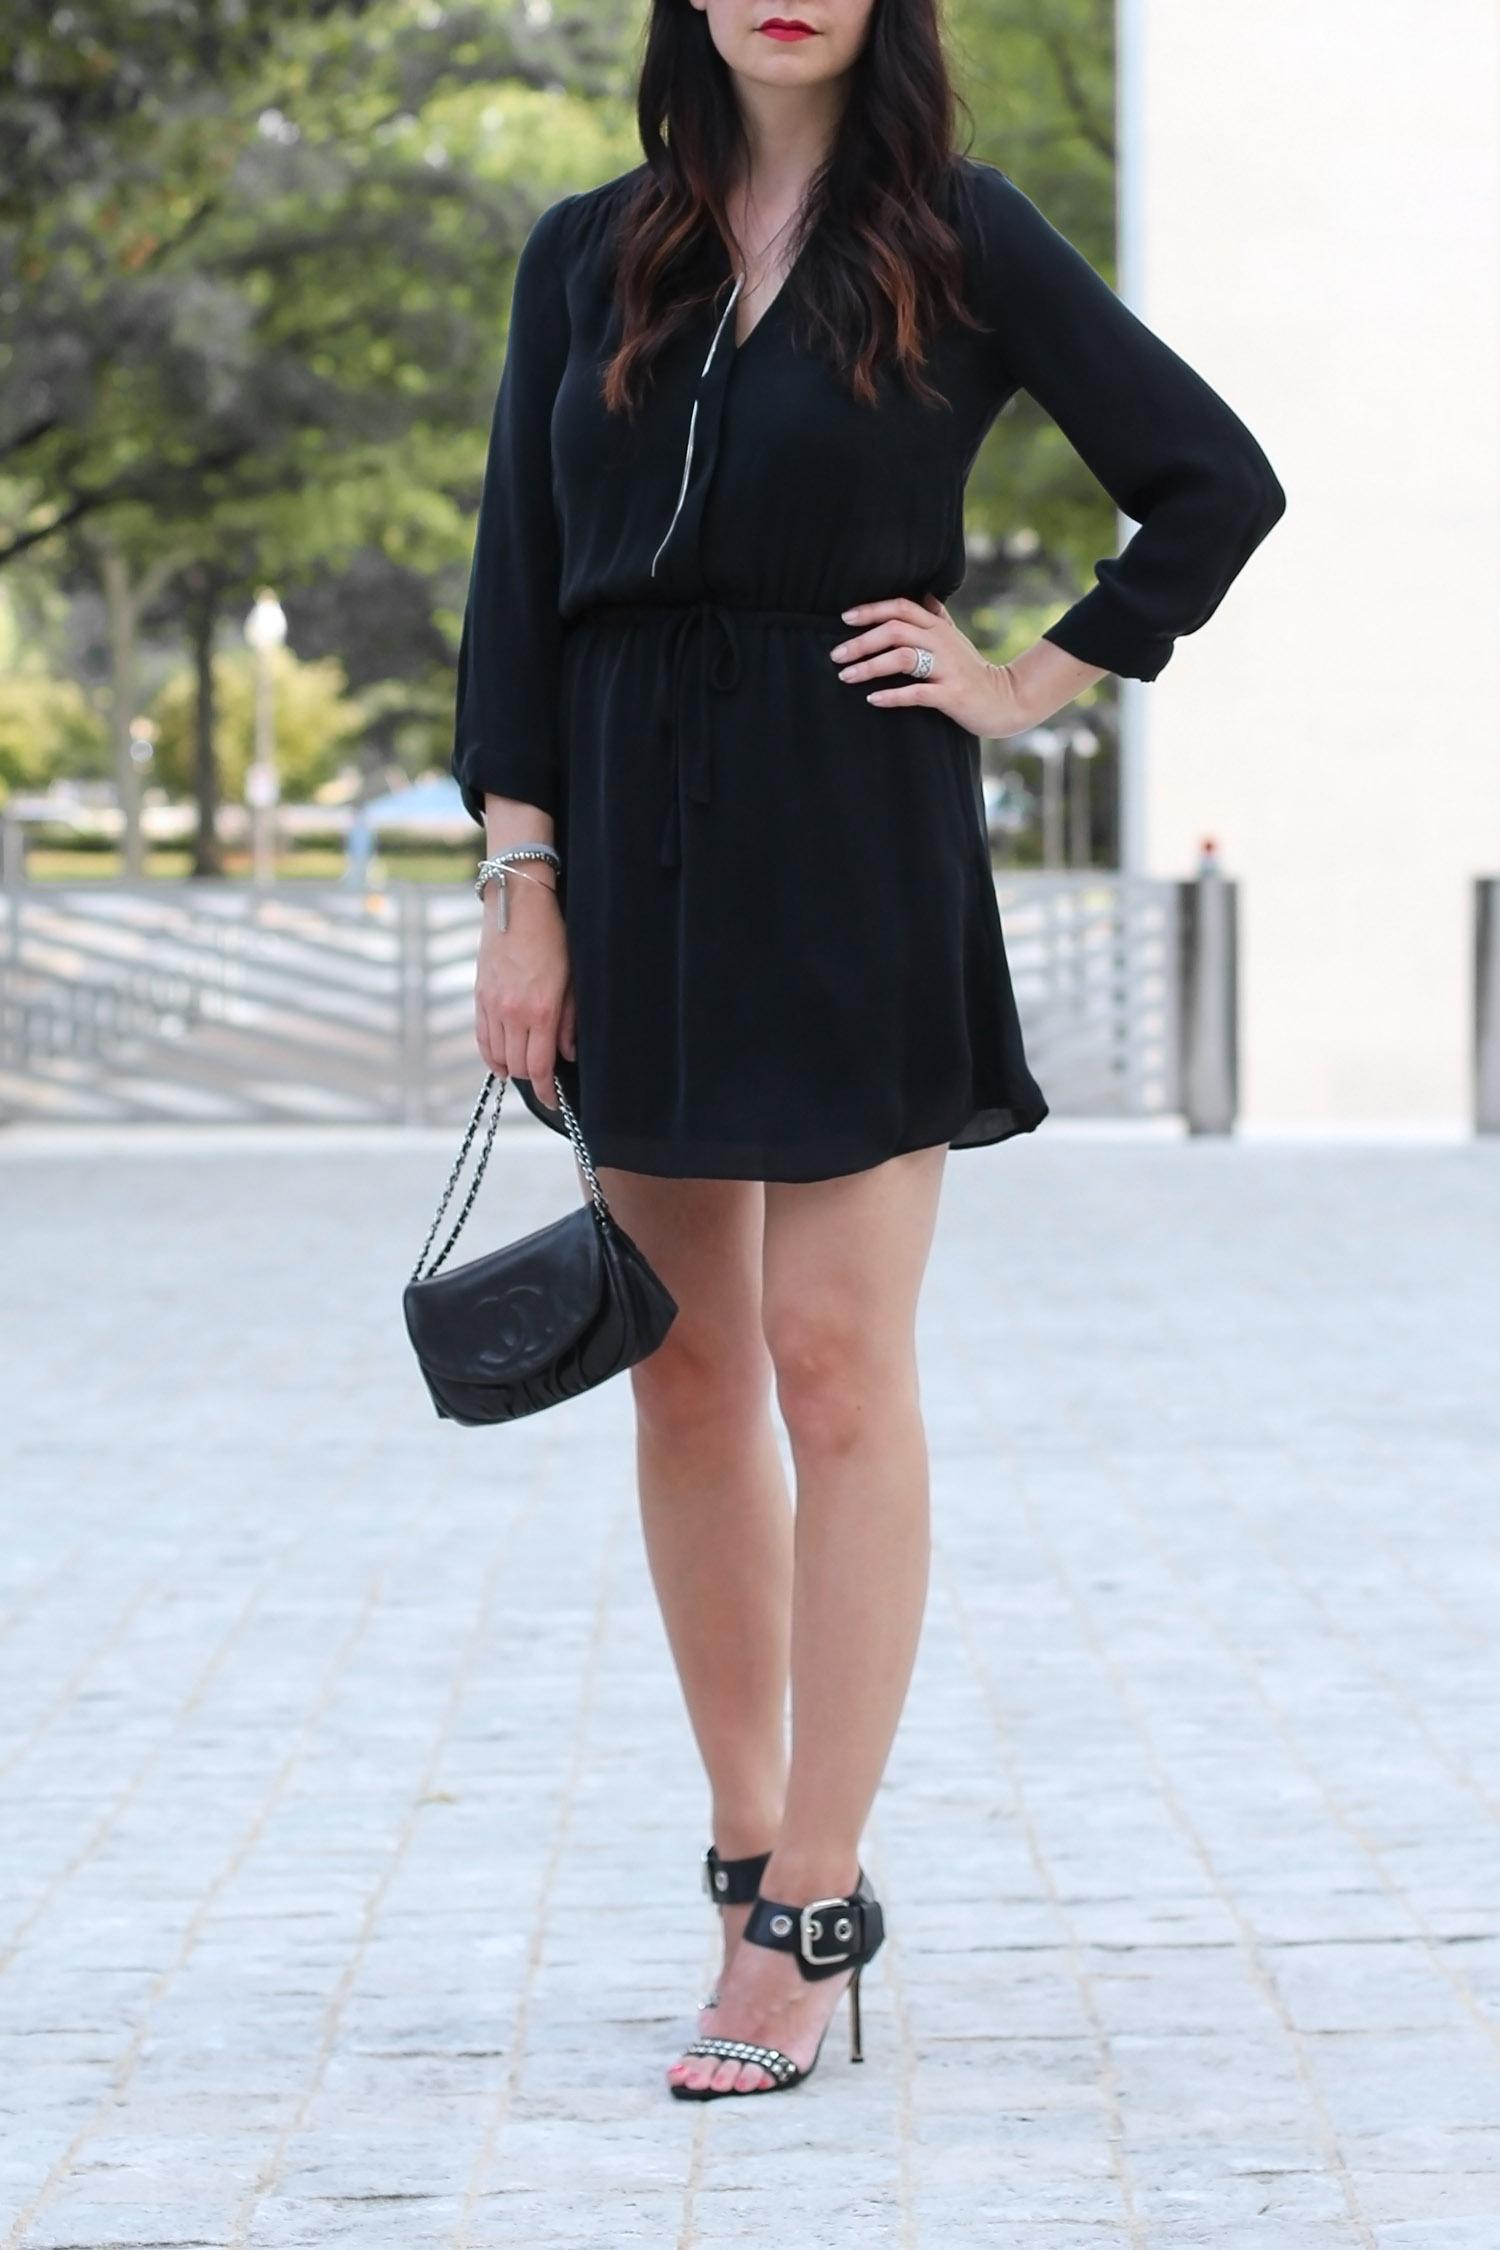 The Little Black Dress for Summer